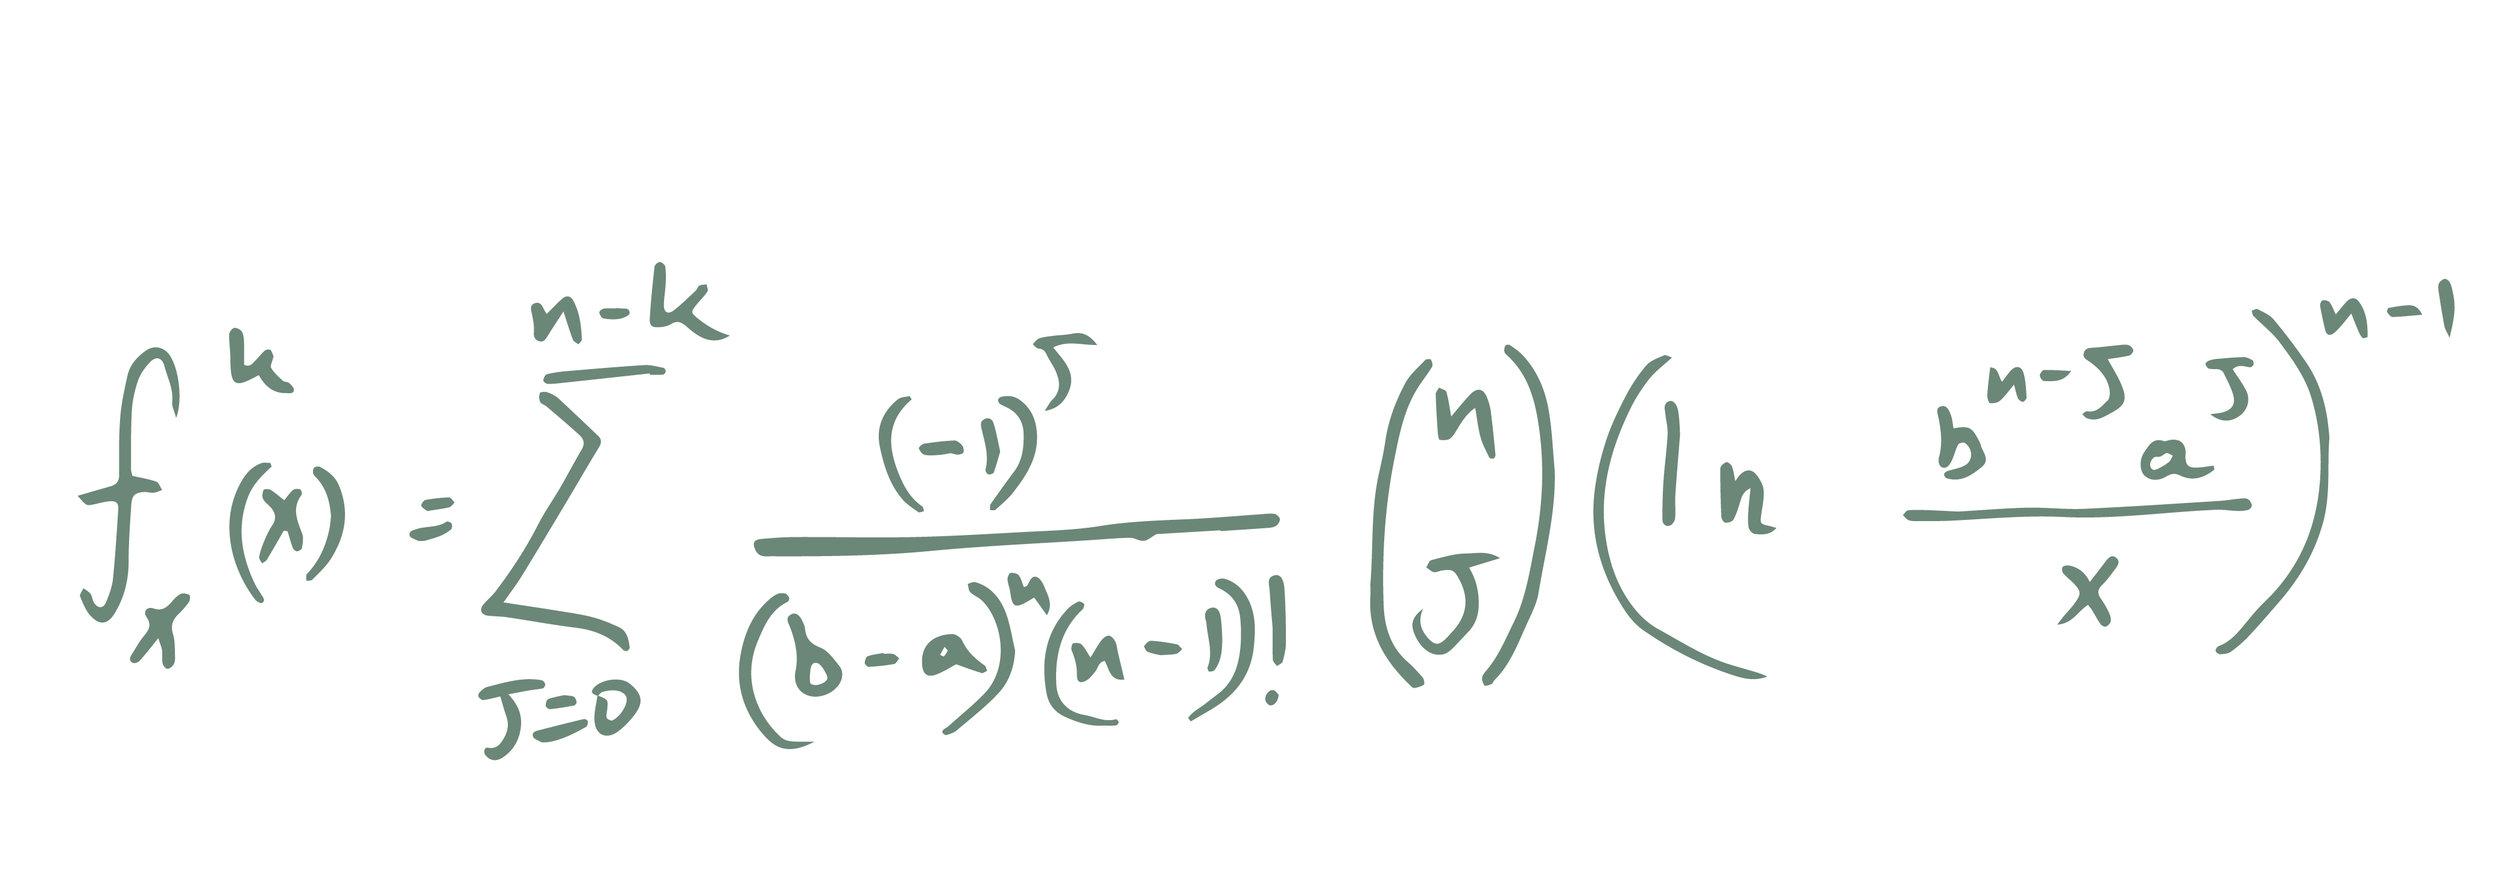 orestis-georgiou-formula1.jpg